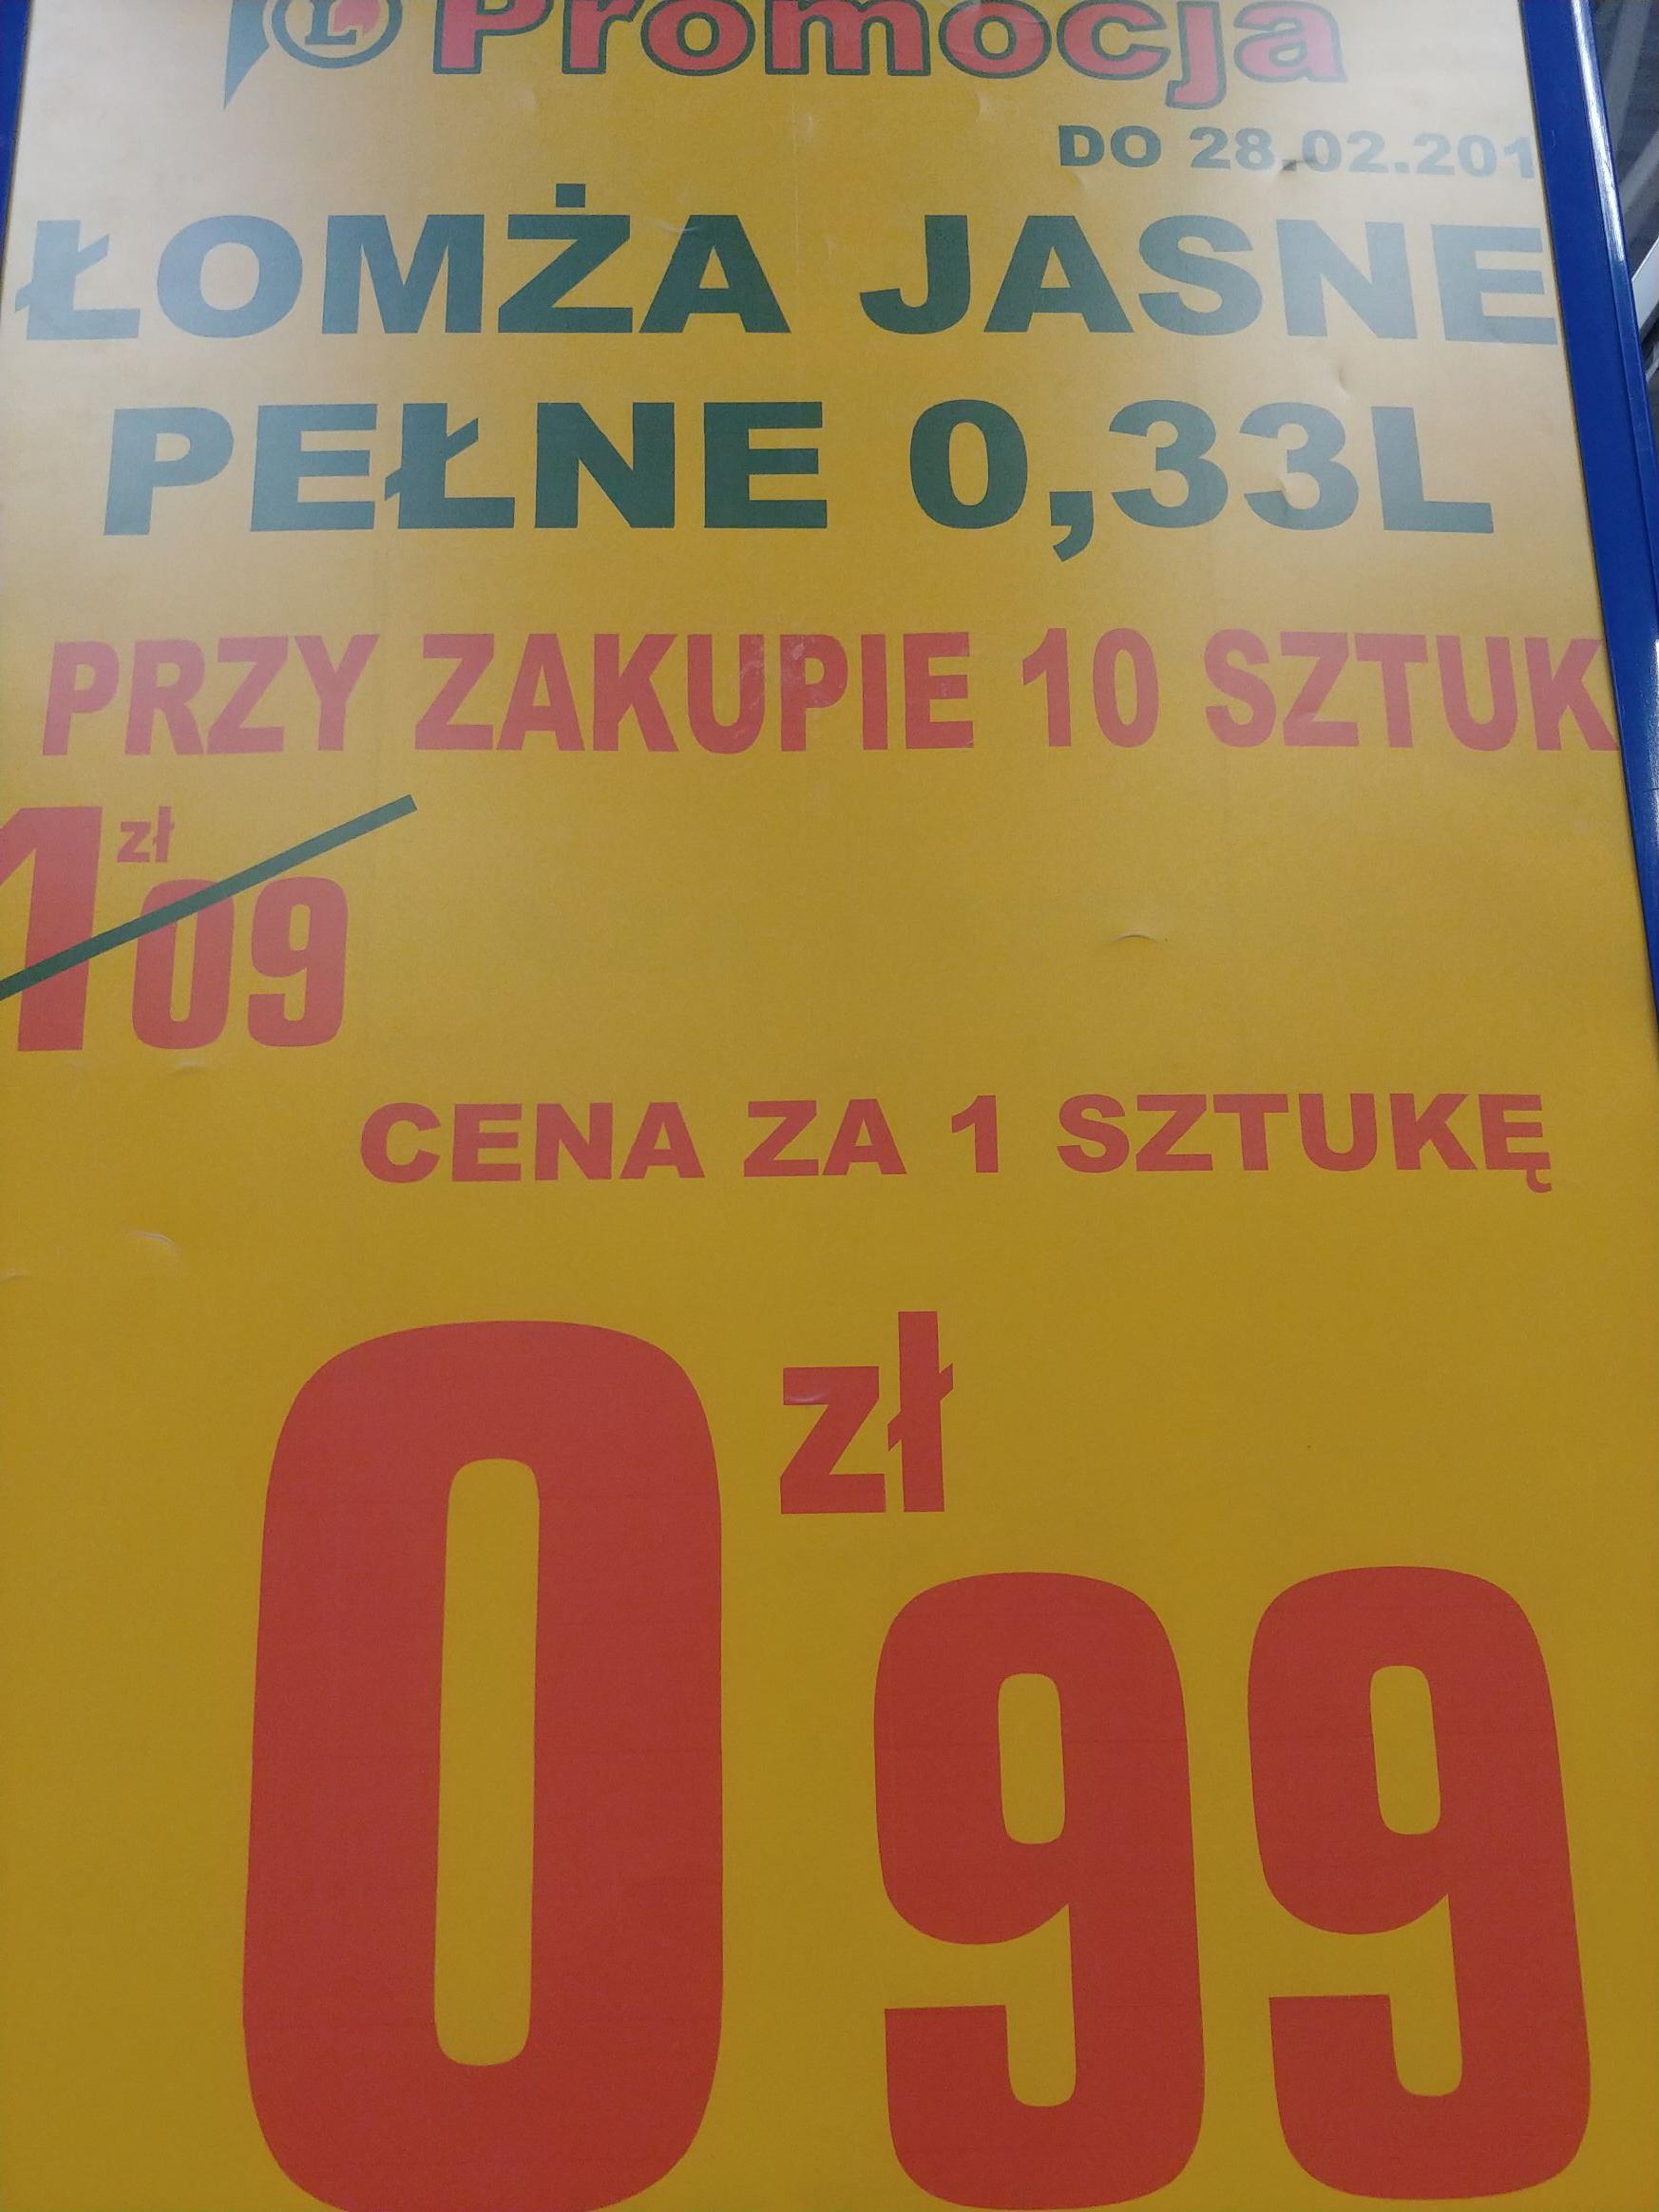 Łomża 0,33l w gdanskim eclerku (cena przy zakupie 10 szt.)